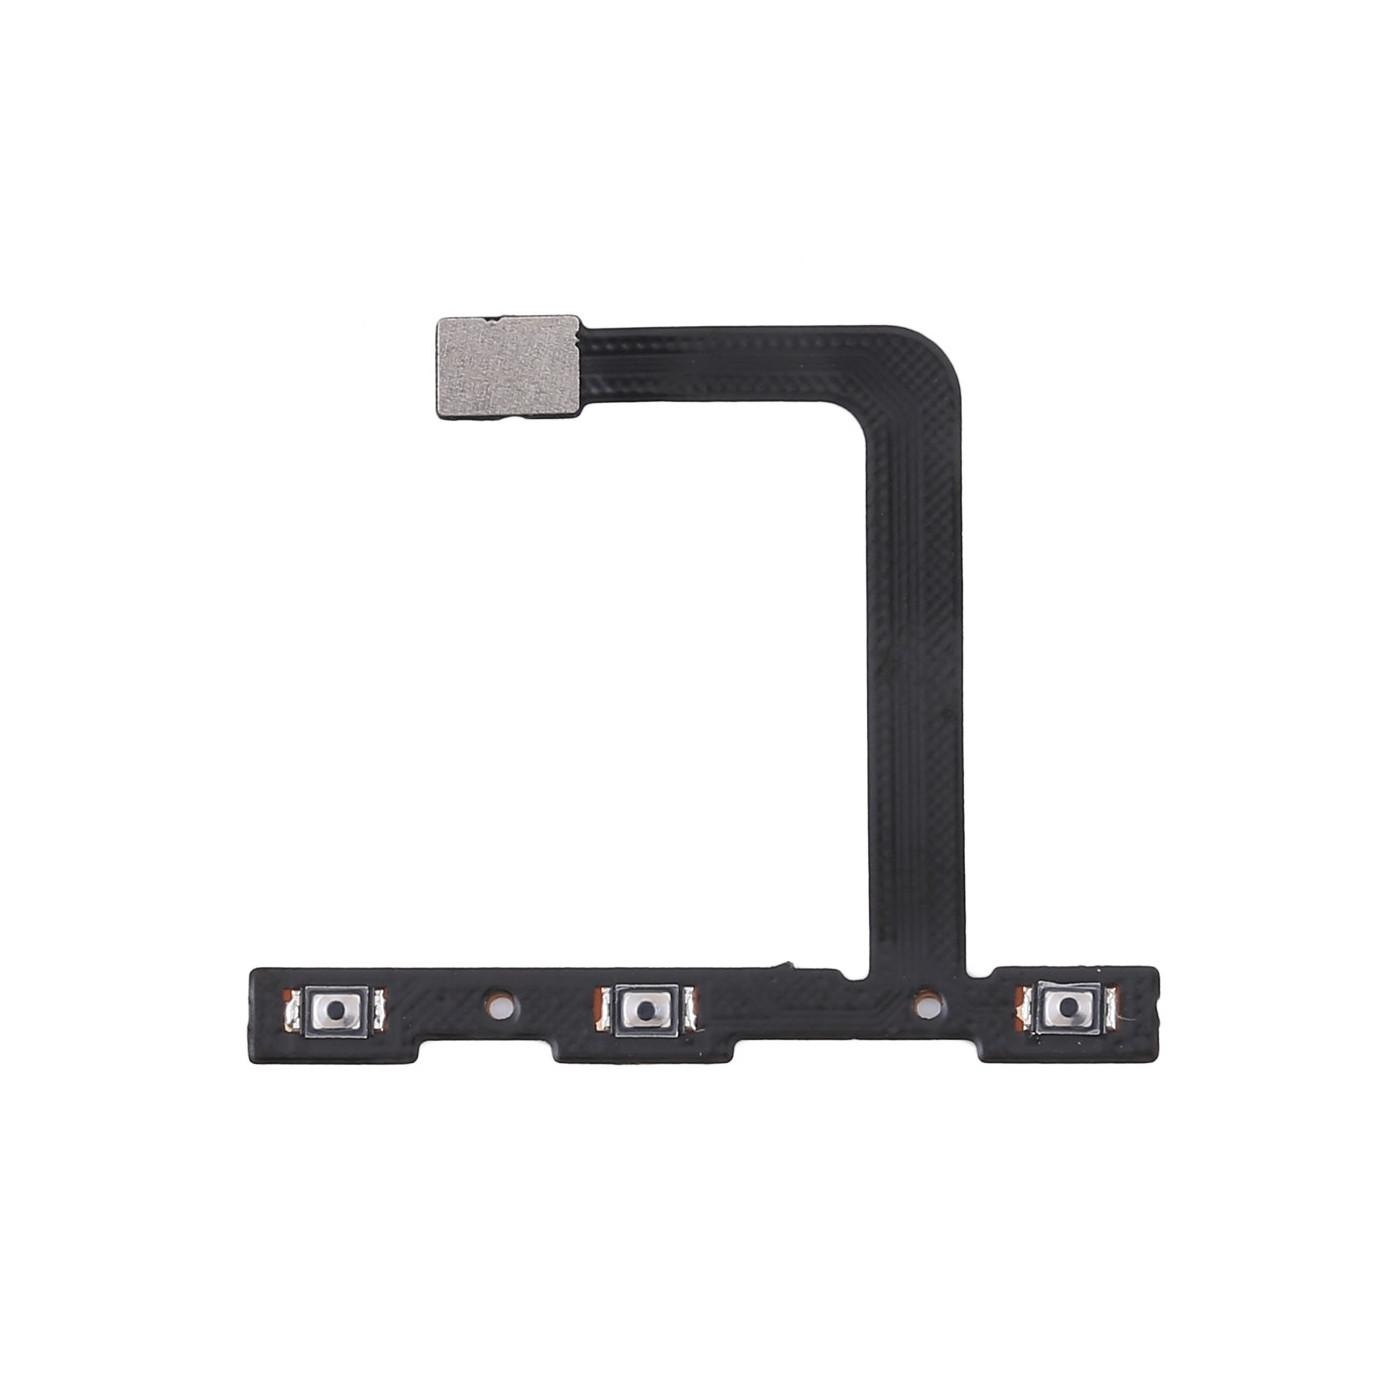 Flat flex Huawei P20 key keys mute volume volume on off accency